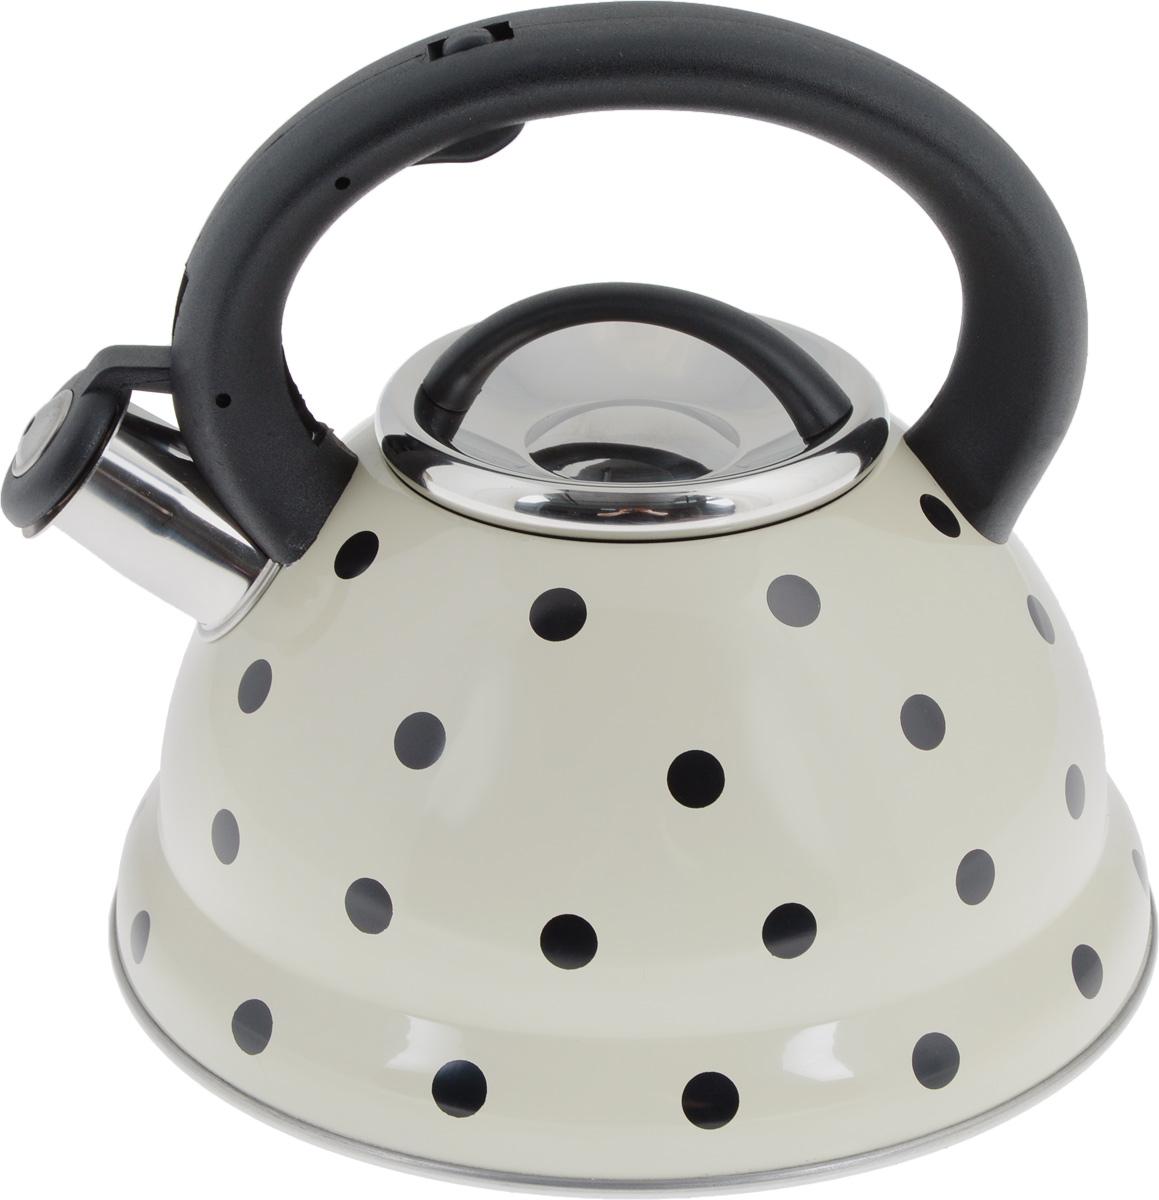 Чайник Mayer & Boch, со свистком, 2,8 л. 2497224972Чайник Mayer & Boch выполнен из высококачественной нержавеющей стали, что обеспечивает долговечность посуде. Фиксированная ручка из пластика снабженамеханизмом для открывания носика, делая использование чайника очень удобным и безопасным. Носик оснащен свистком, что позволит вам контролировать процесс подогрева или кипячения воды. Капсулированное дно с прослойкой из алюминия равномерно распределяет тепло. Эстетичный и функциональный, с эксклюзивным дизайном, чайник будет оригинально смотреться в любом интерьере. Подходит для использования на газовых, электрических, стеклокерамических и галогеновых плитах, кроме индукционных. Можно мыть в посудомоечной машине. Высота чайника (без учета ручки и крышки): 11,5 см.Высота чайника (с учетом ручки и крышки): 20,5 см.Диаметр чайника (по верхнему краю): 10 см.